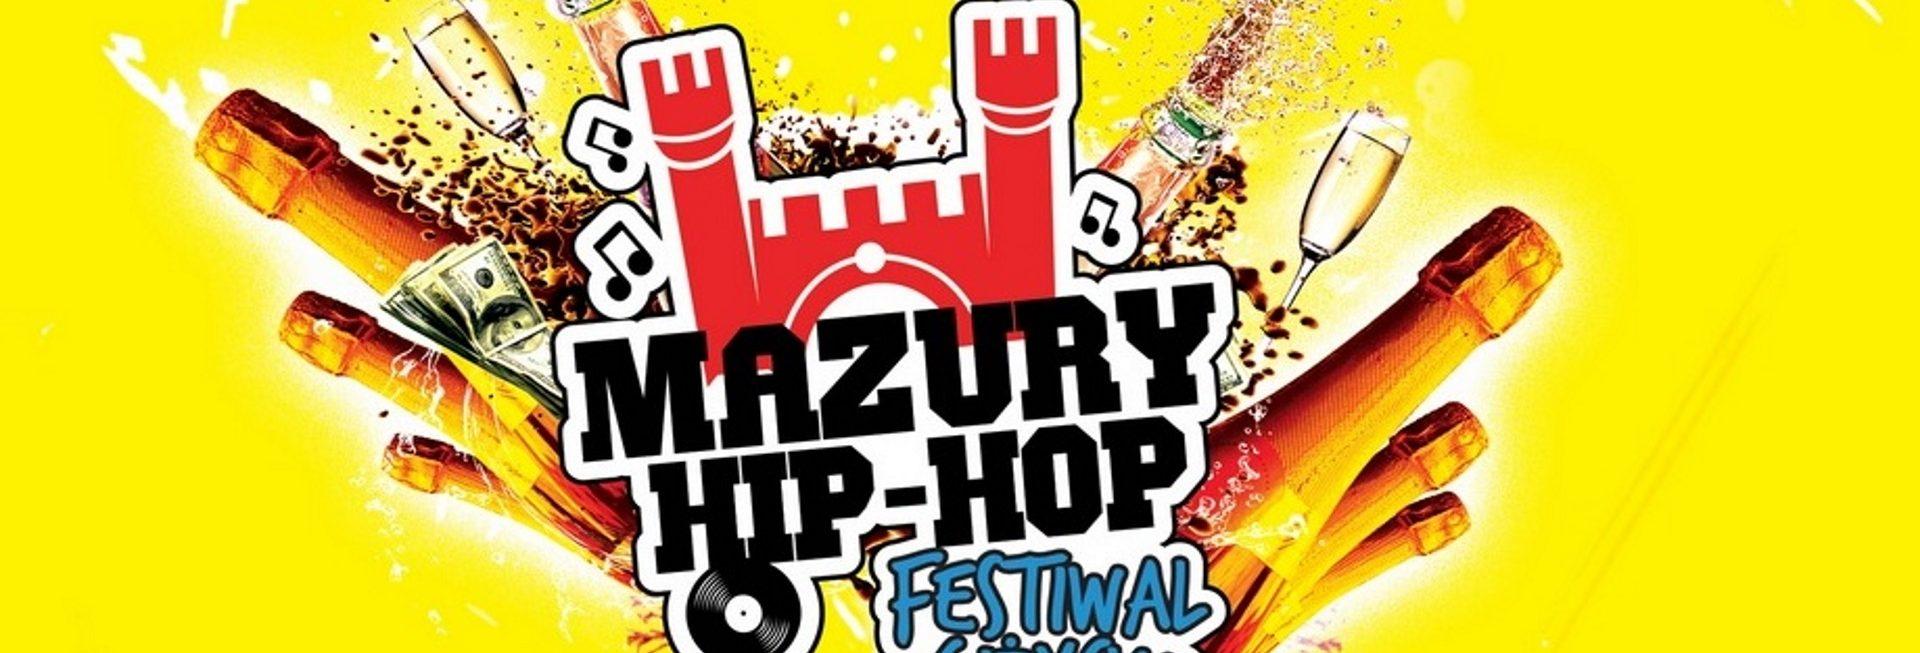 Zdjęcie to plakat zapraszający na Festiwal Mazury Hip-Hop 2020. Na plakacie graficznie pokazana brama Twierdzy Boyen w Giżycku oraz grafika butelek od szampana i kieliszków. Tło plakatu żółte.